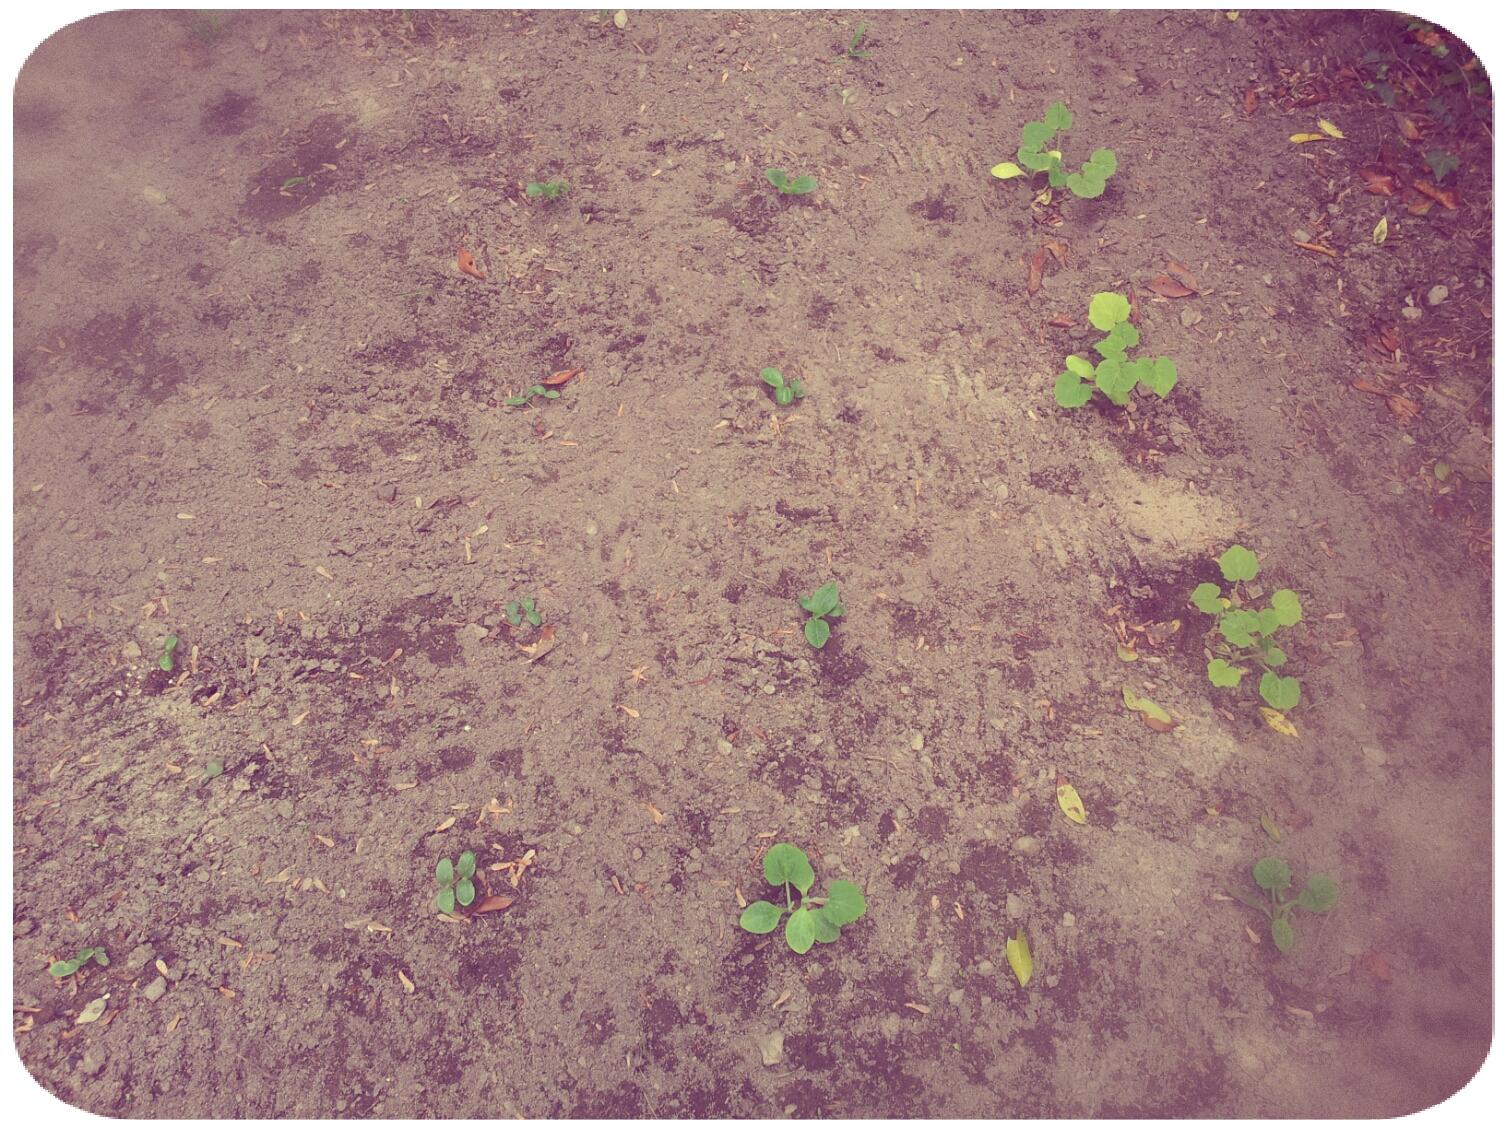 2012-03-30 13.51.30_Melissa_Round.jpg